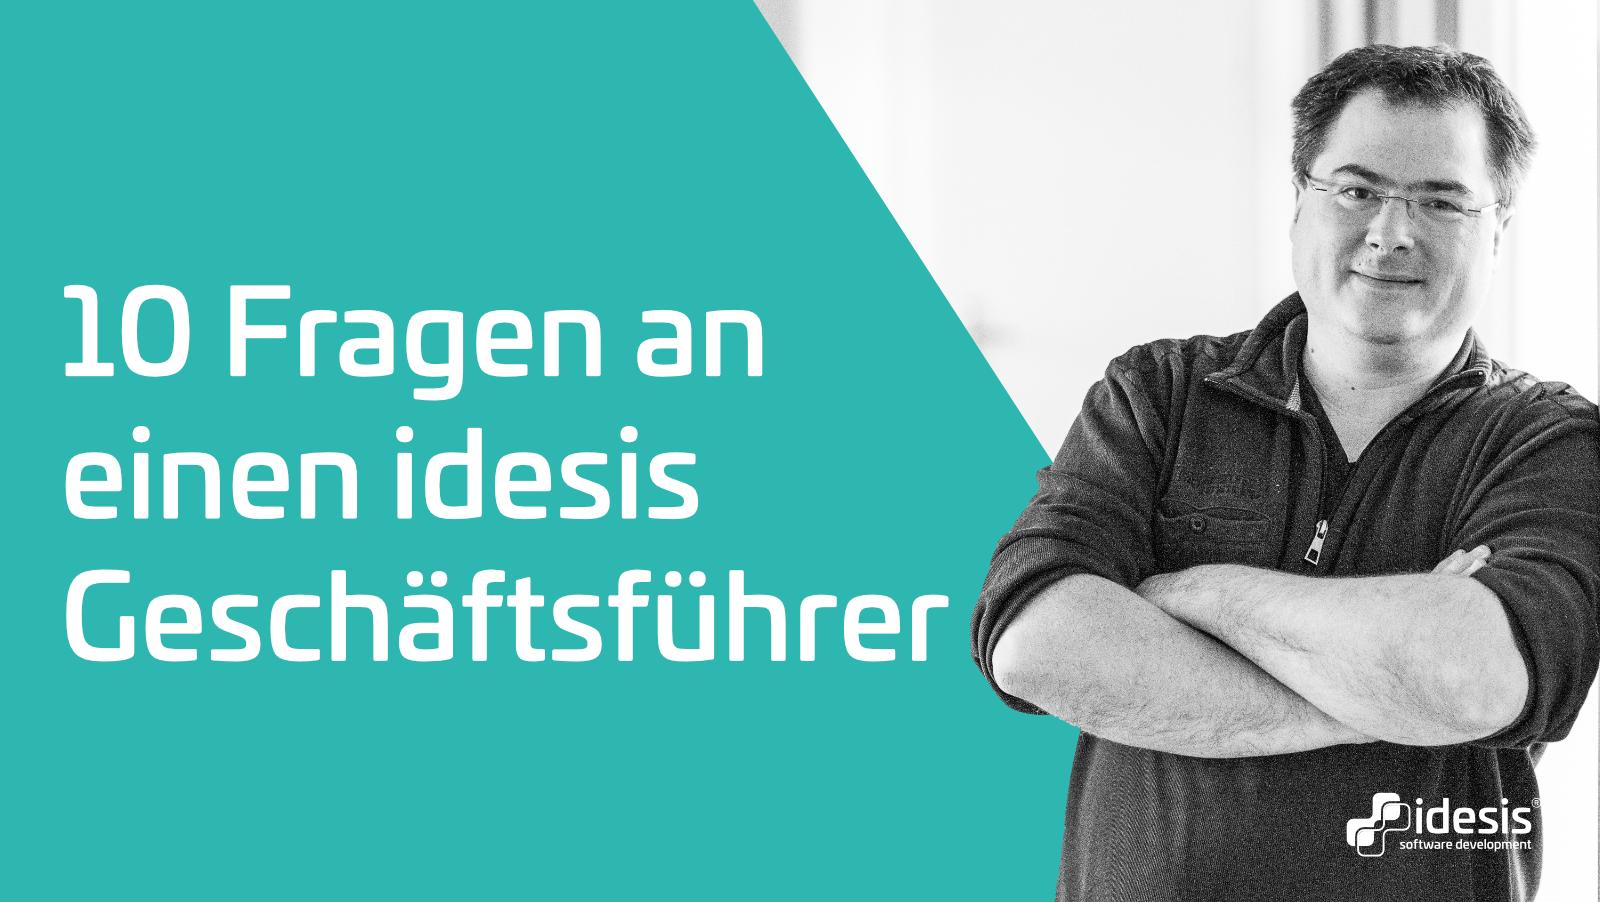 10 Fragen an idesis Geschäftsführer Andreas Mersch